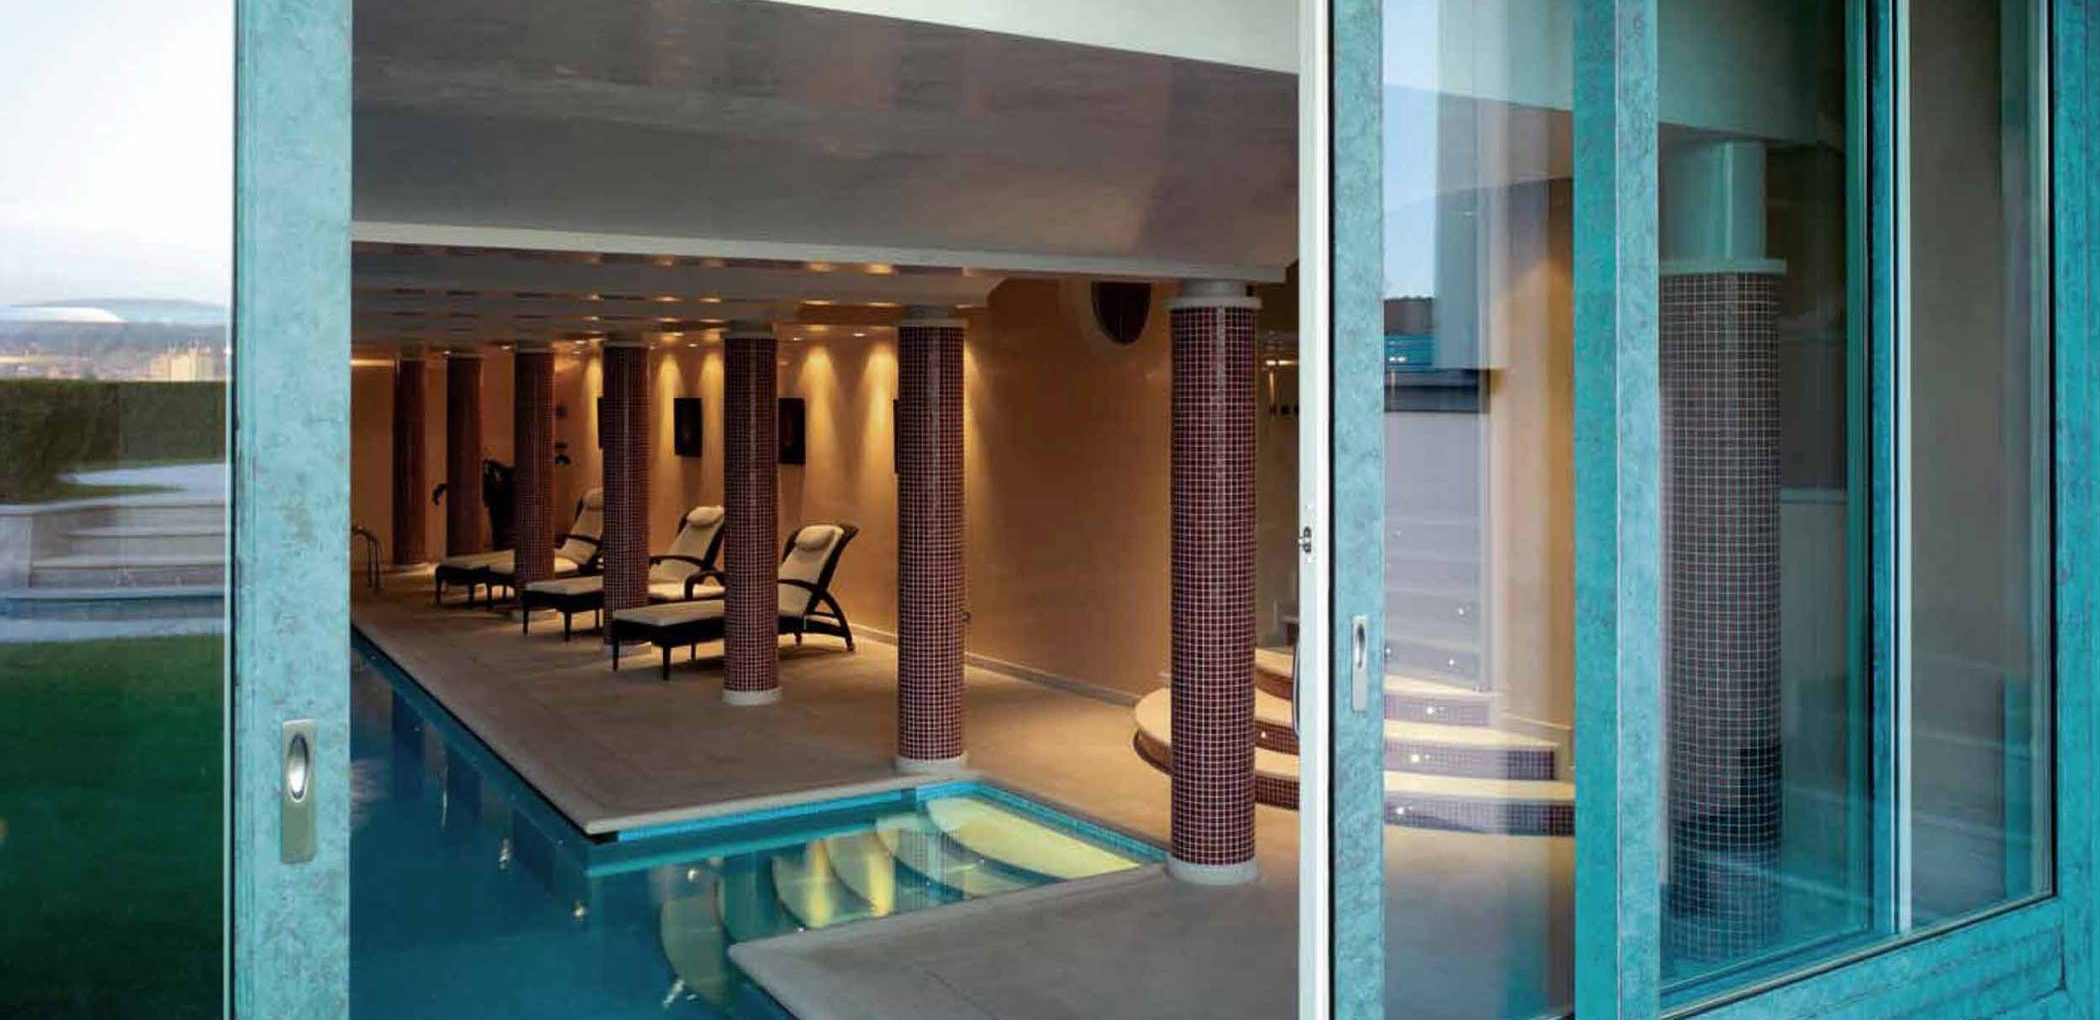 Vue de la porte coulissante à quatre portes de l'espace piscine